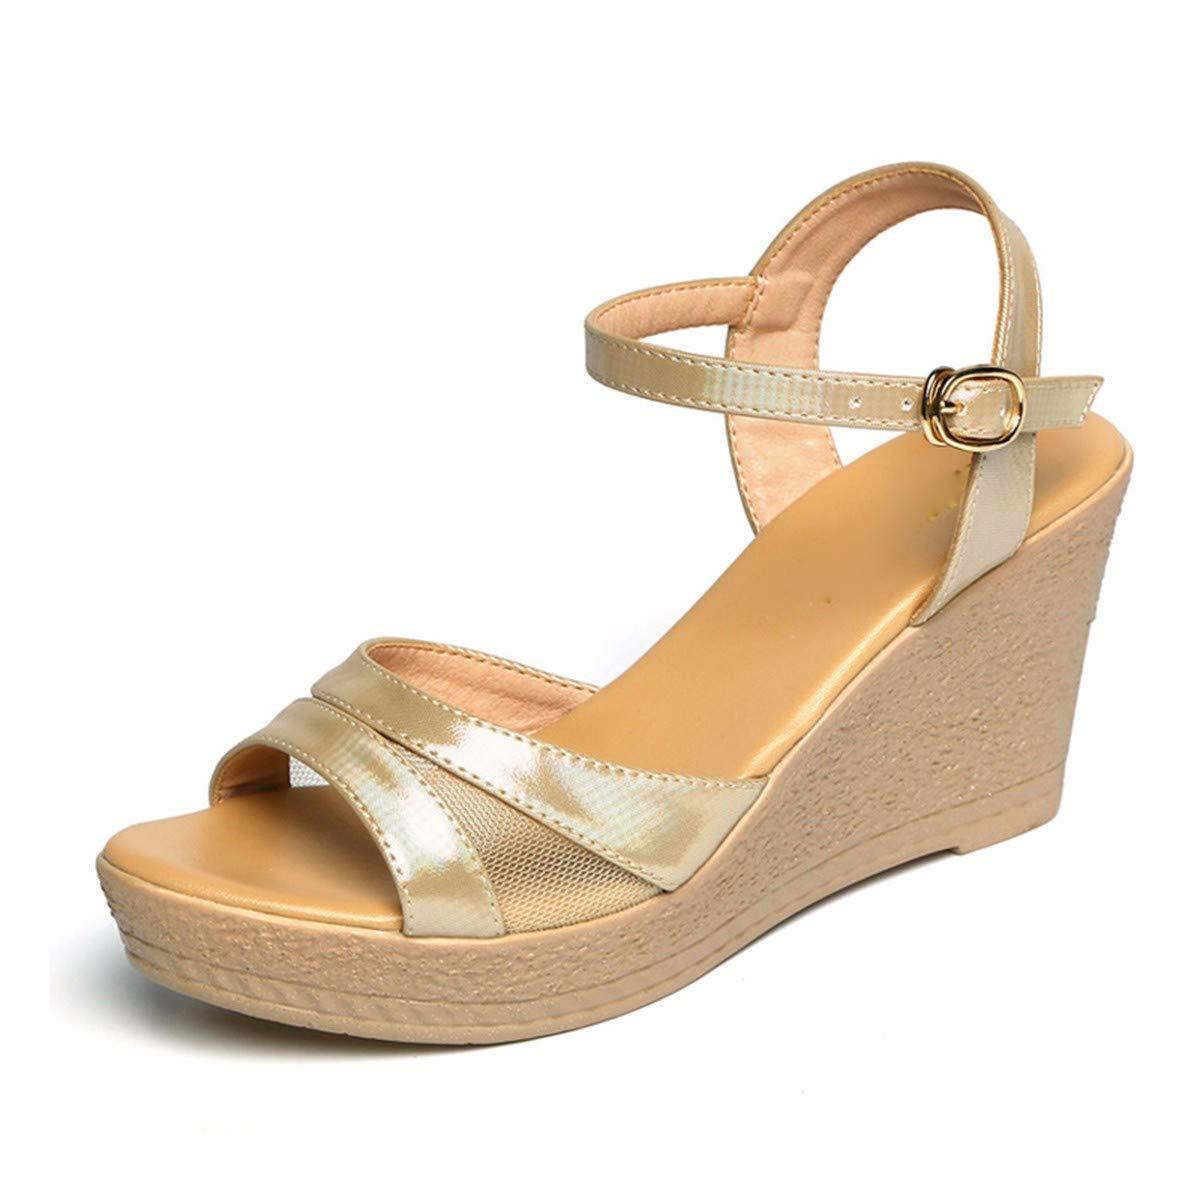 GTVERNH Chaussures Femme Mode Mesdames Les Sandales à Talons Bas 8Cm épais Et des Sandales Summer Muffin Chaussures. oren Thirty-seven